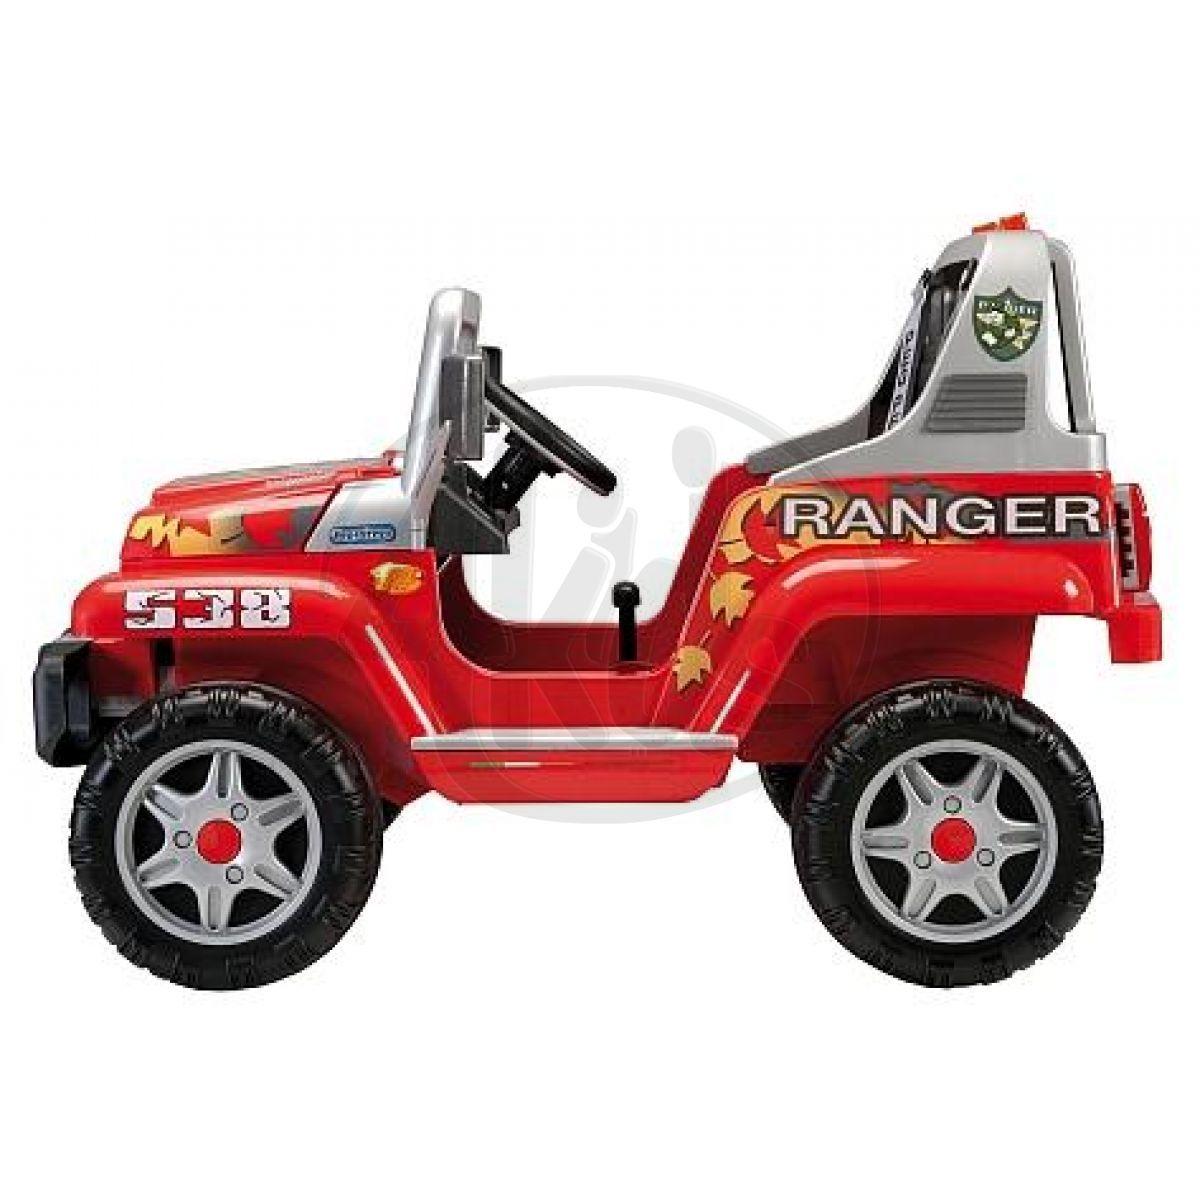 электромобиль peg perego ranger 538 #10